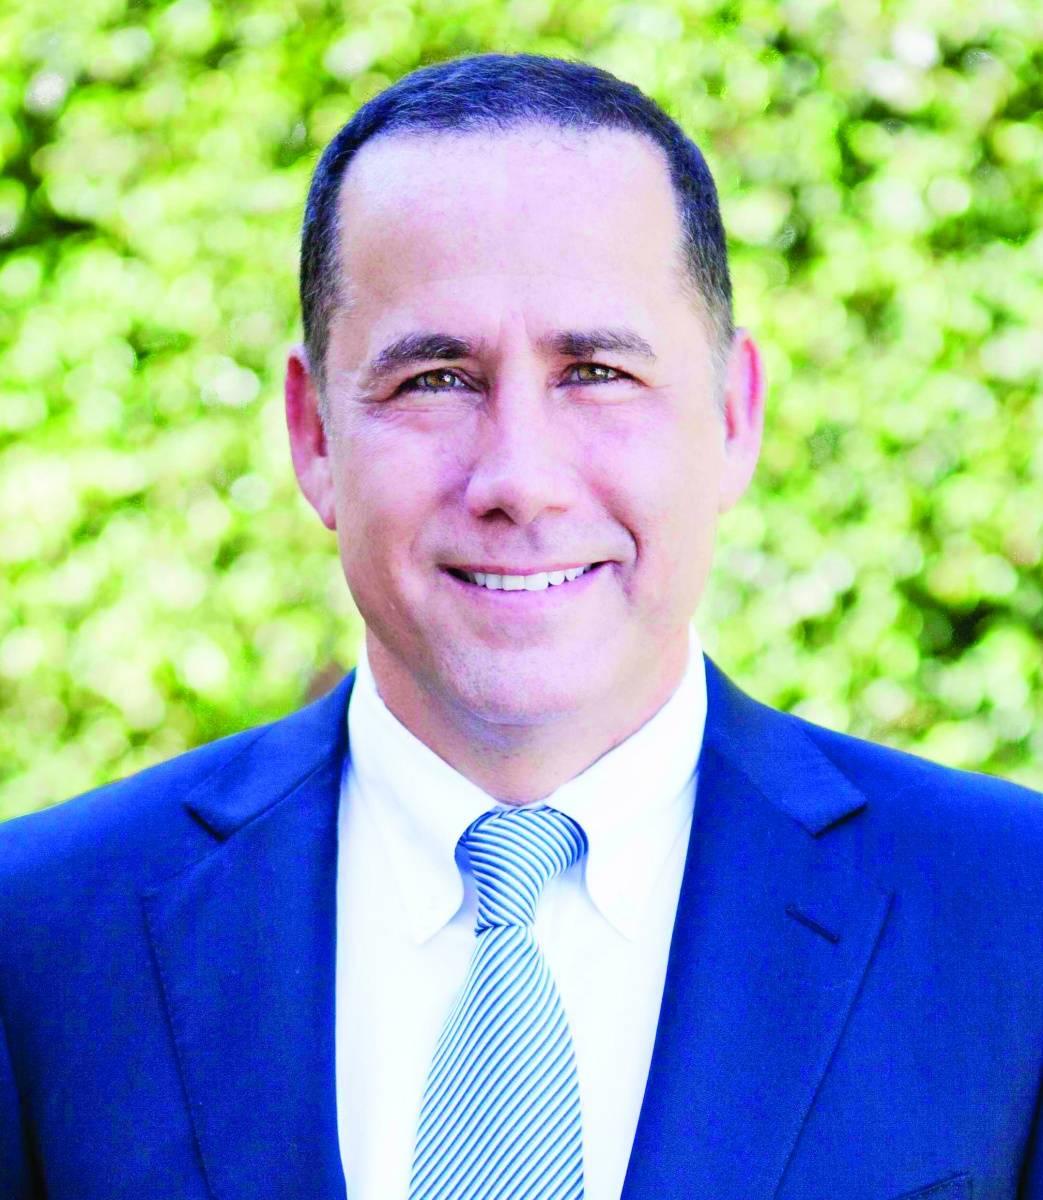 Phillip Levine